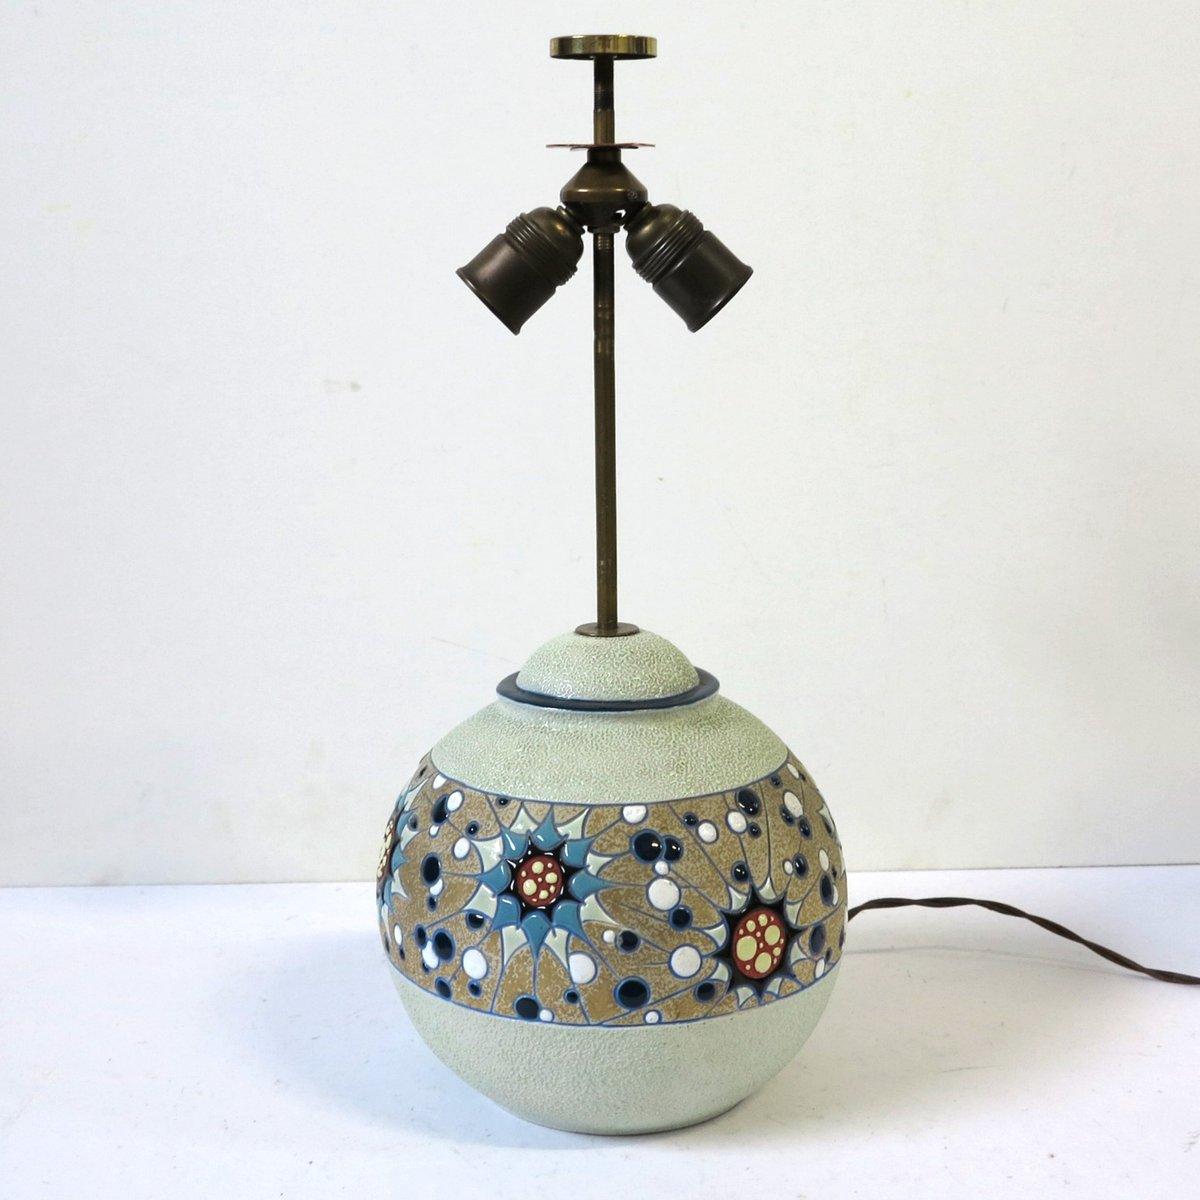 lampe art d co en c ramique de amphora 1930s en vente sur pamono. Black Bedroom Furniture Sets. Home Design Ideas